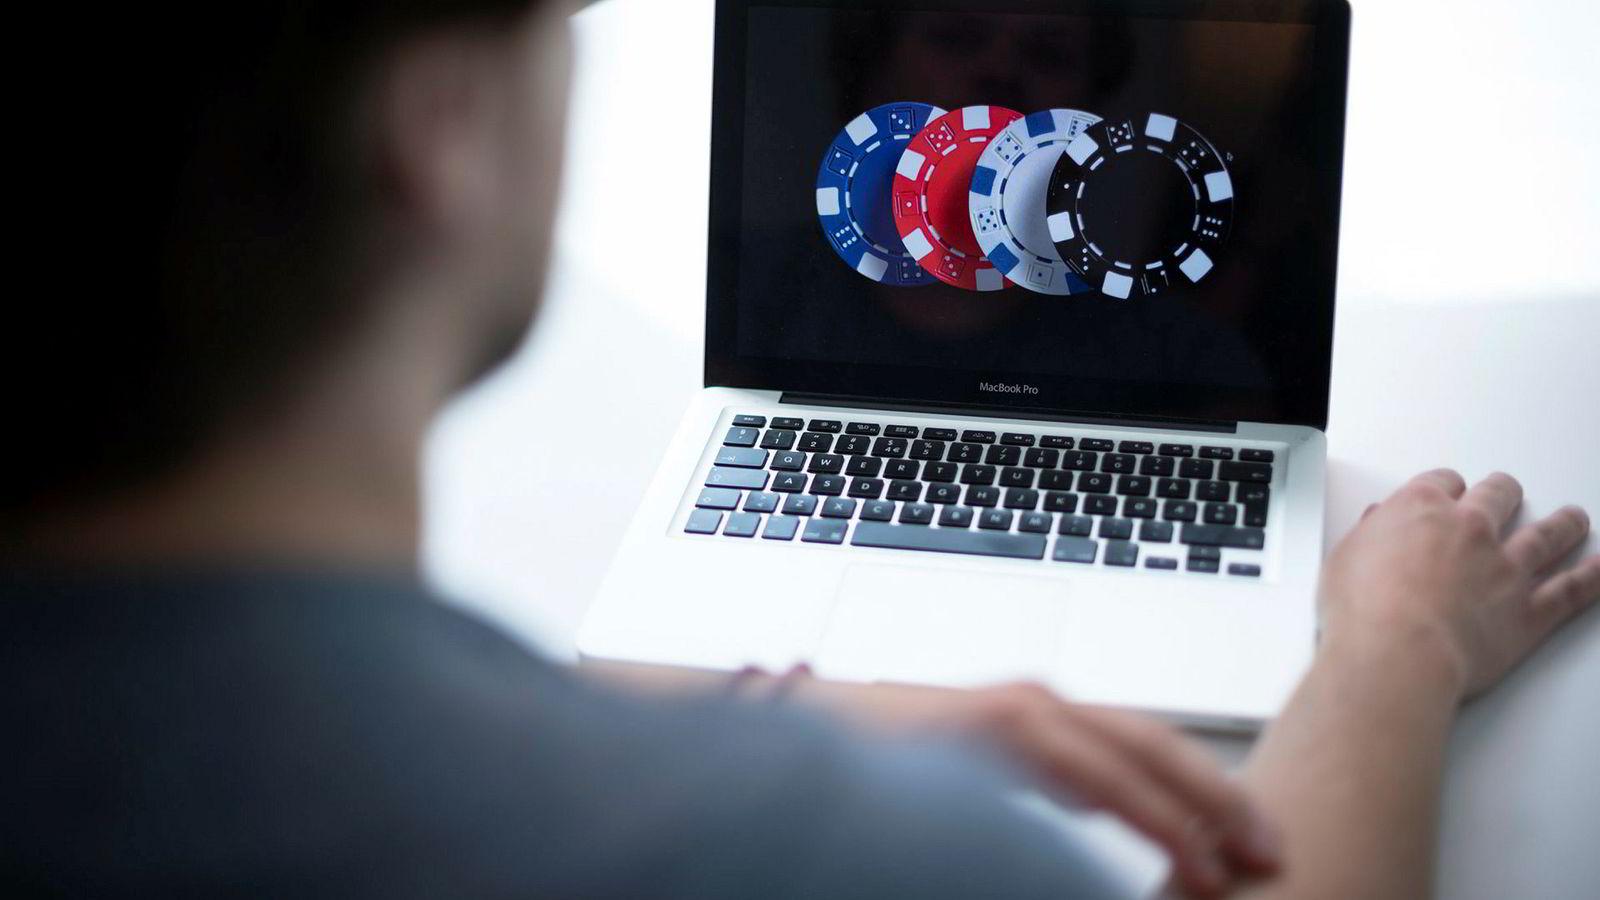 Det stemmer ikke at Norsk Tipping har spillene som forårsaker mest avhengighet. Det er utenlandske spill som er hovedproblemet for de spillavhengige, skriver innleggsforfatteren.